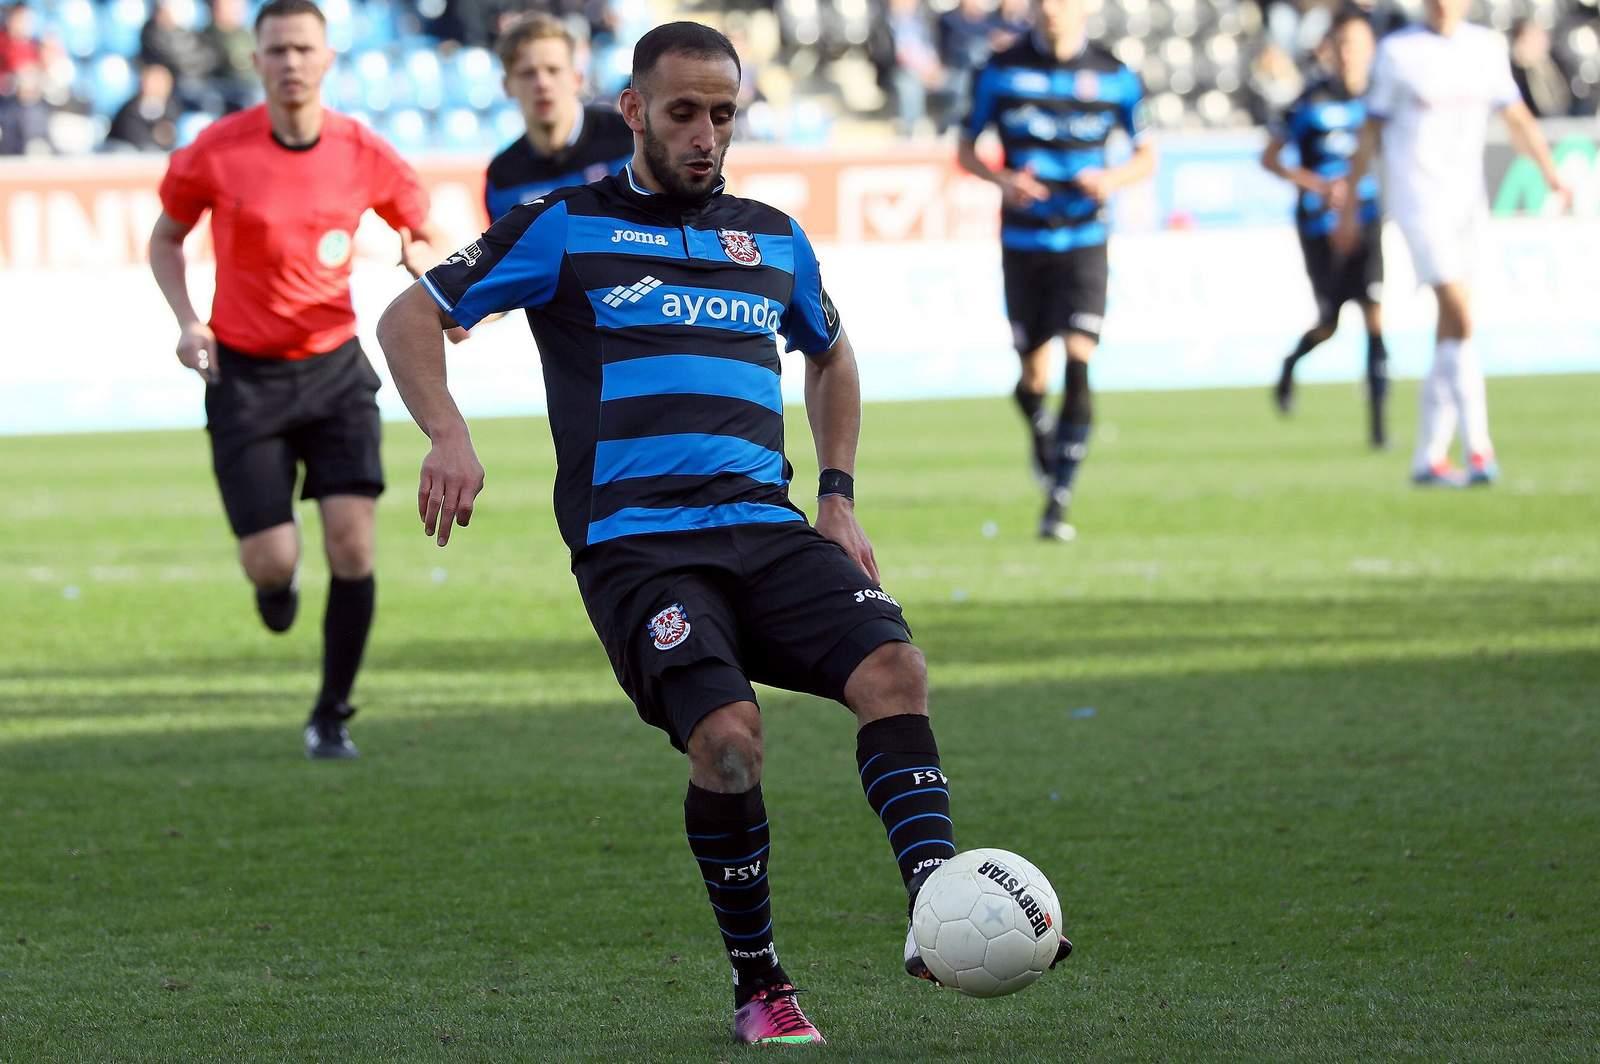 Smail Morabit, hier im Trikot des FSV Frankfurt, spricht bei Liga-Drei.de unter Anderem über die Gründe für seine Suspendierung